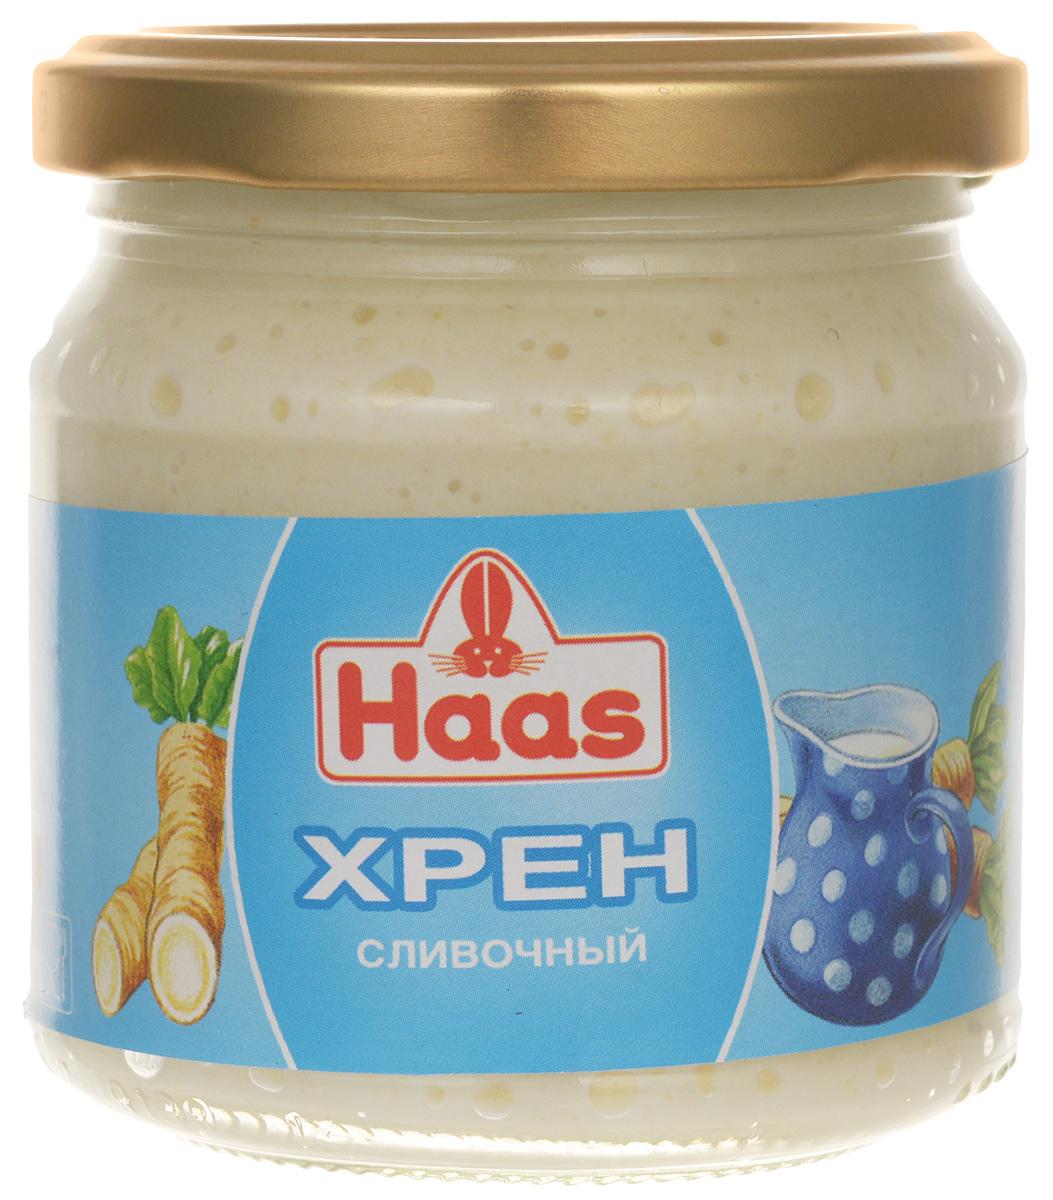 Haas хрен сливочный, 190 г3926Нежный натуральный хрен Haas с добавлением сливок (25%) - для истинных гурманов. Обладает тонким, изысканным вкусом, прекрасно подходит к рыбе, мясным стейкам и блюдам из дичи.